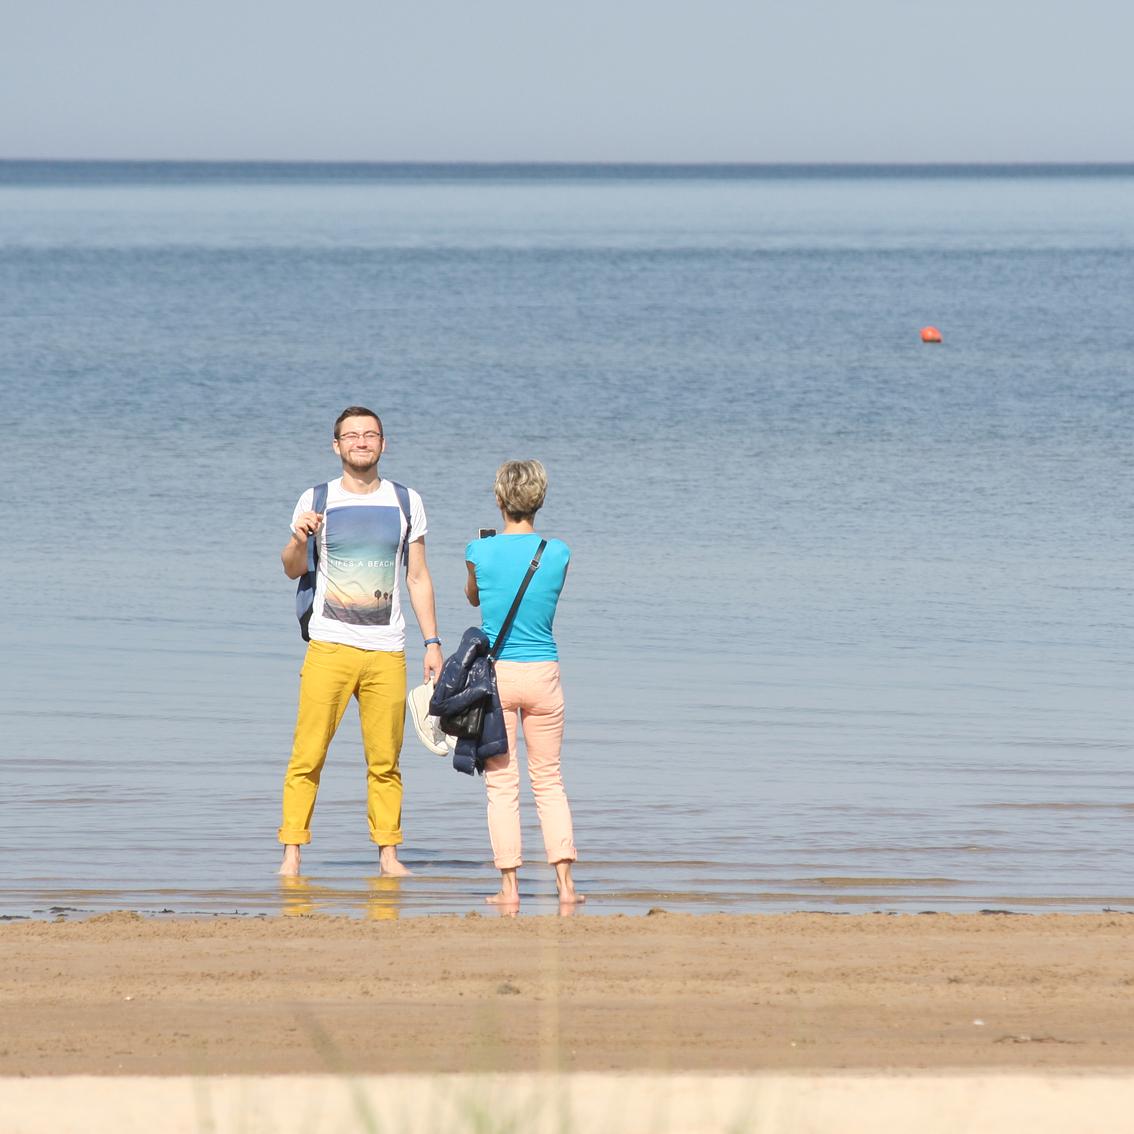 Vēl vieni vigrotāji ar telefonu. Skatos un domāju, kāpēc tas puisis brida jūrā, ja skaidri redzams, ka bildē viņš maksimāli līdz viduklim ietrāpa.